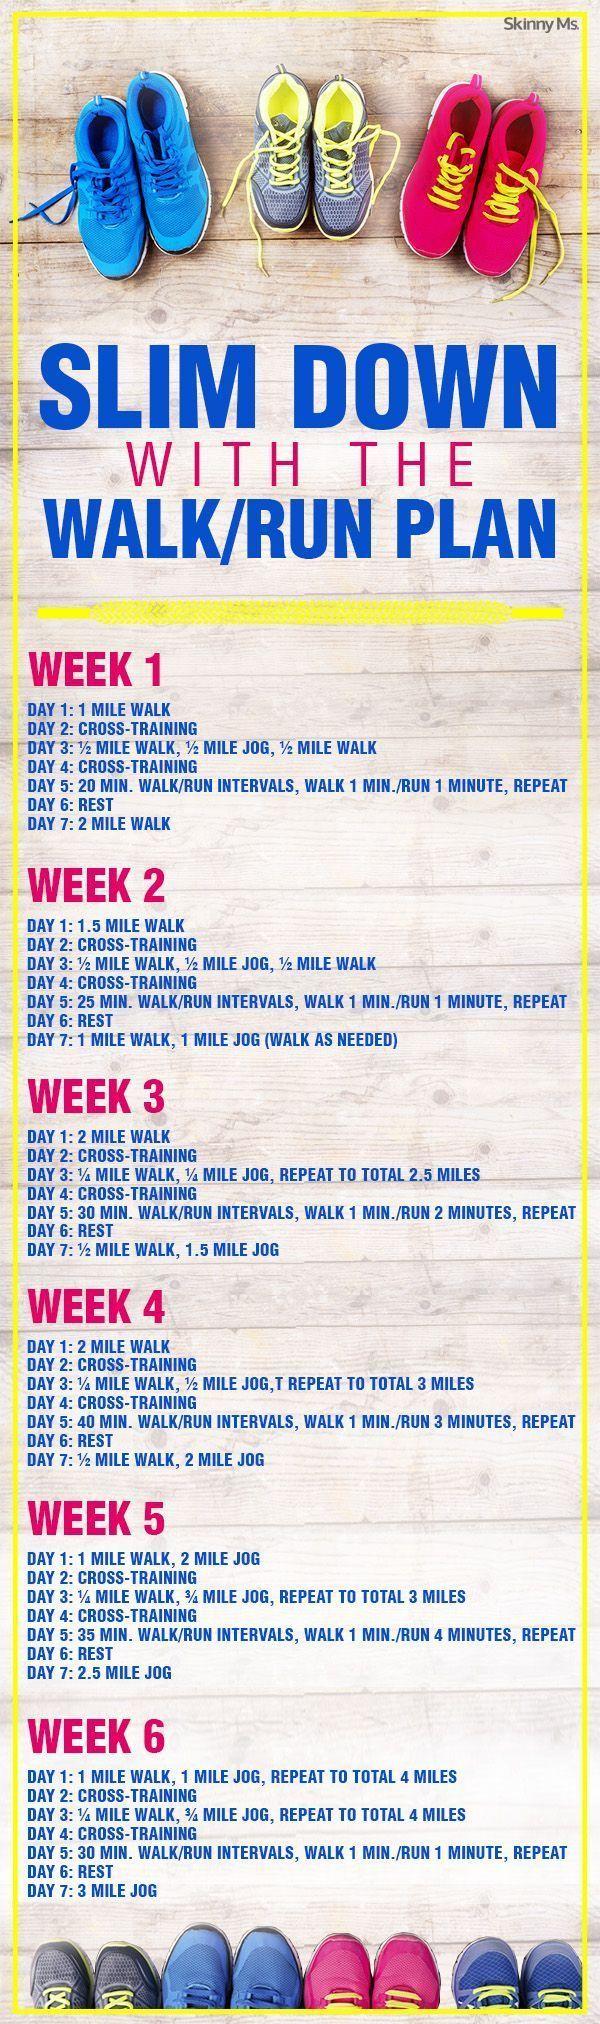 Slim Down with the Walk/Run Plan! #walkrunplan #running #running #correr #motivacion #concurso #promo #deporte #abdominales #entrenamiento #alimentacion #vidasana #salud #motivacion